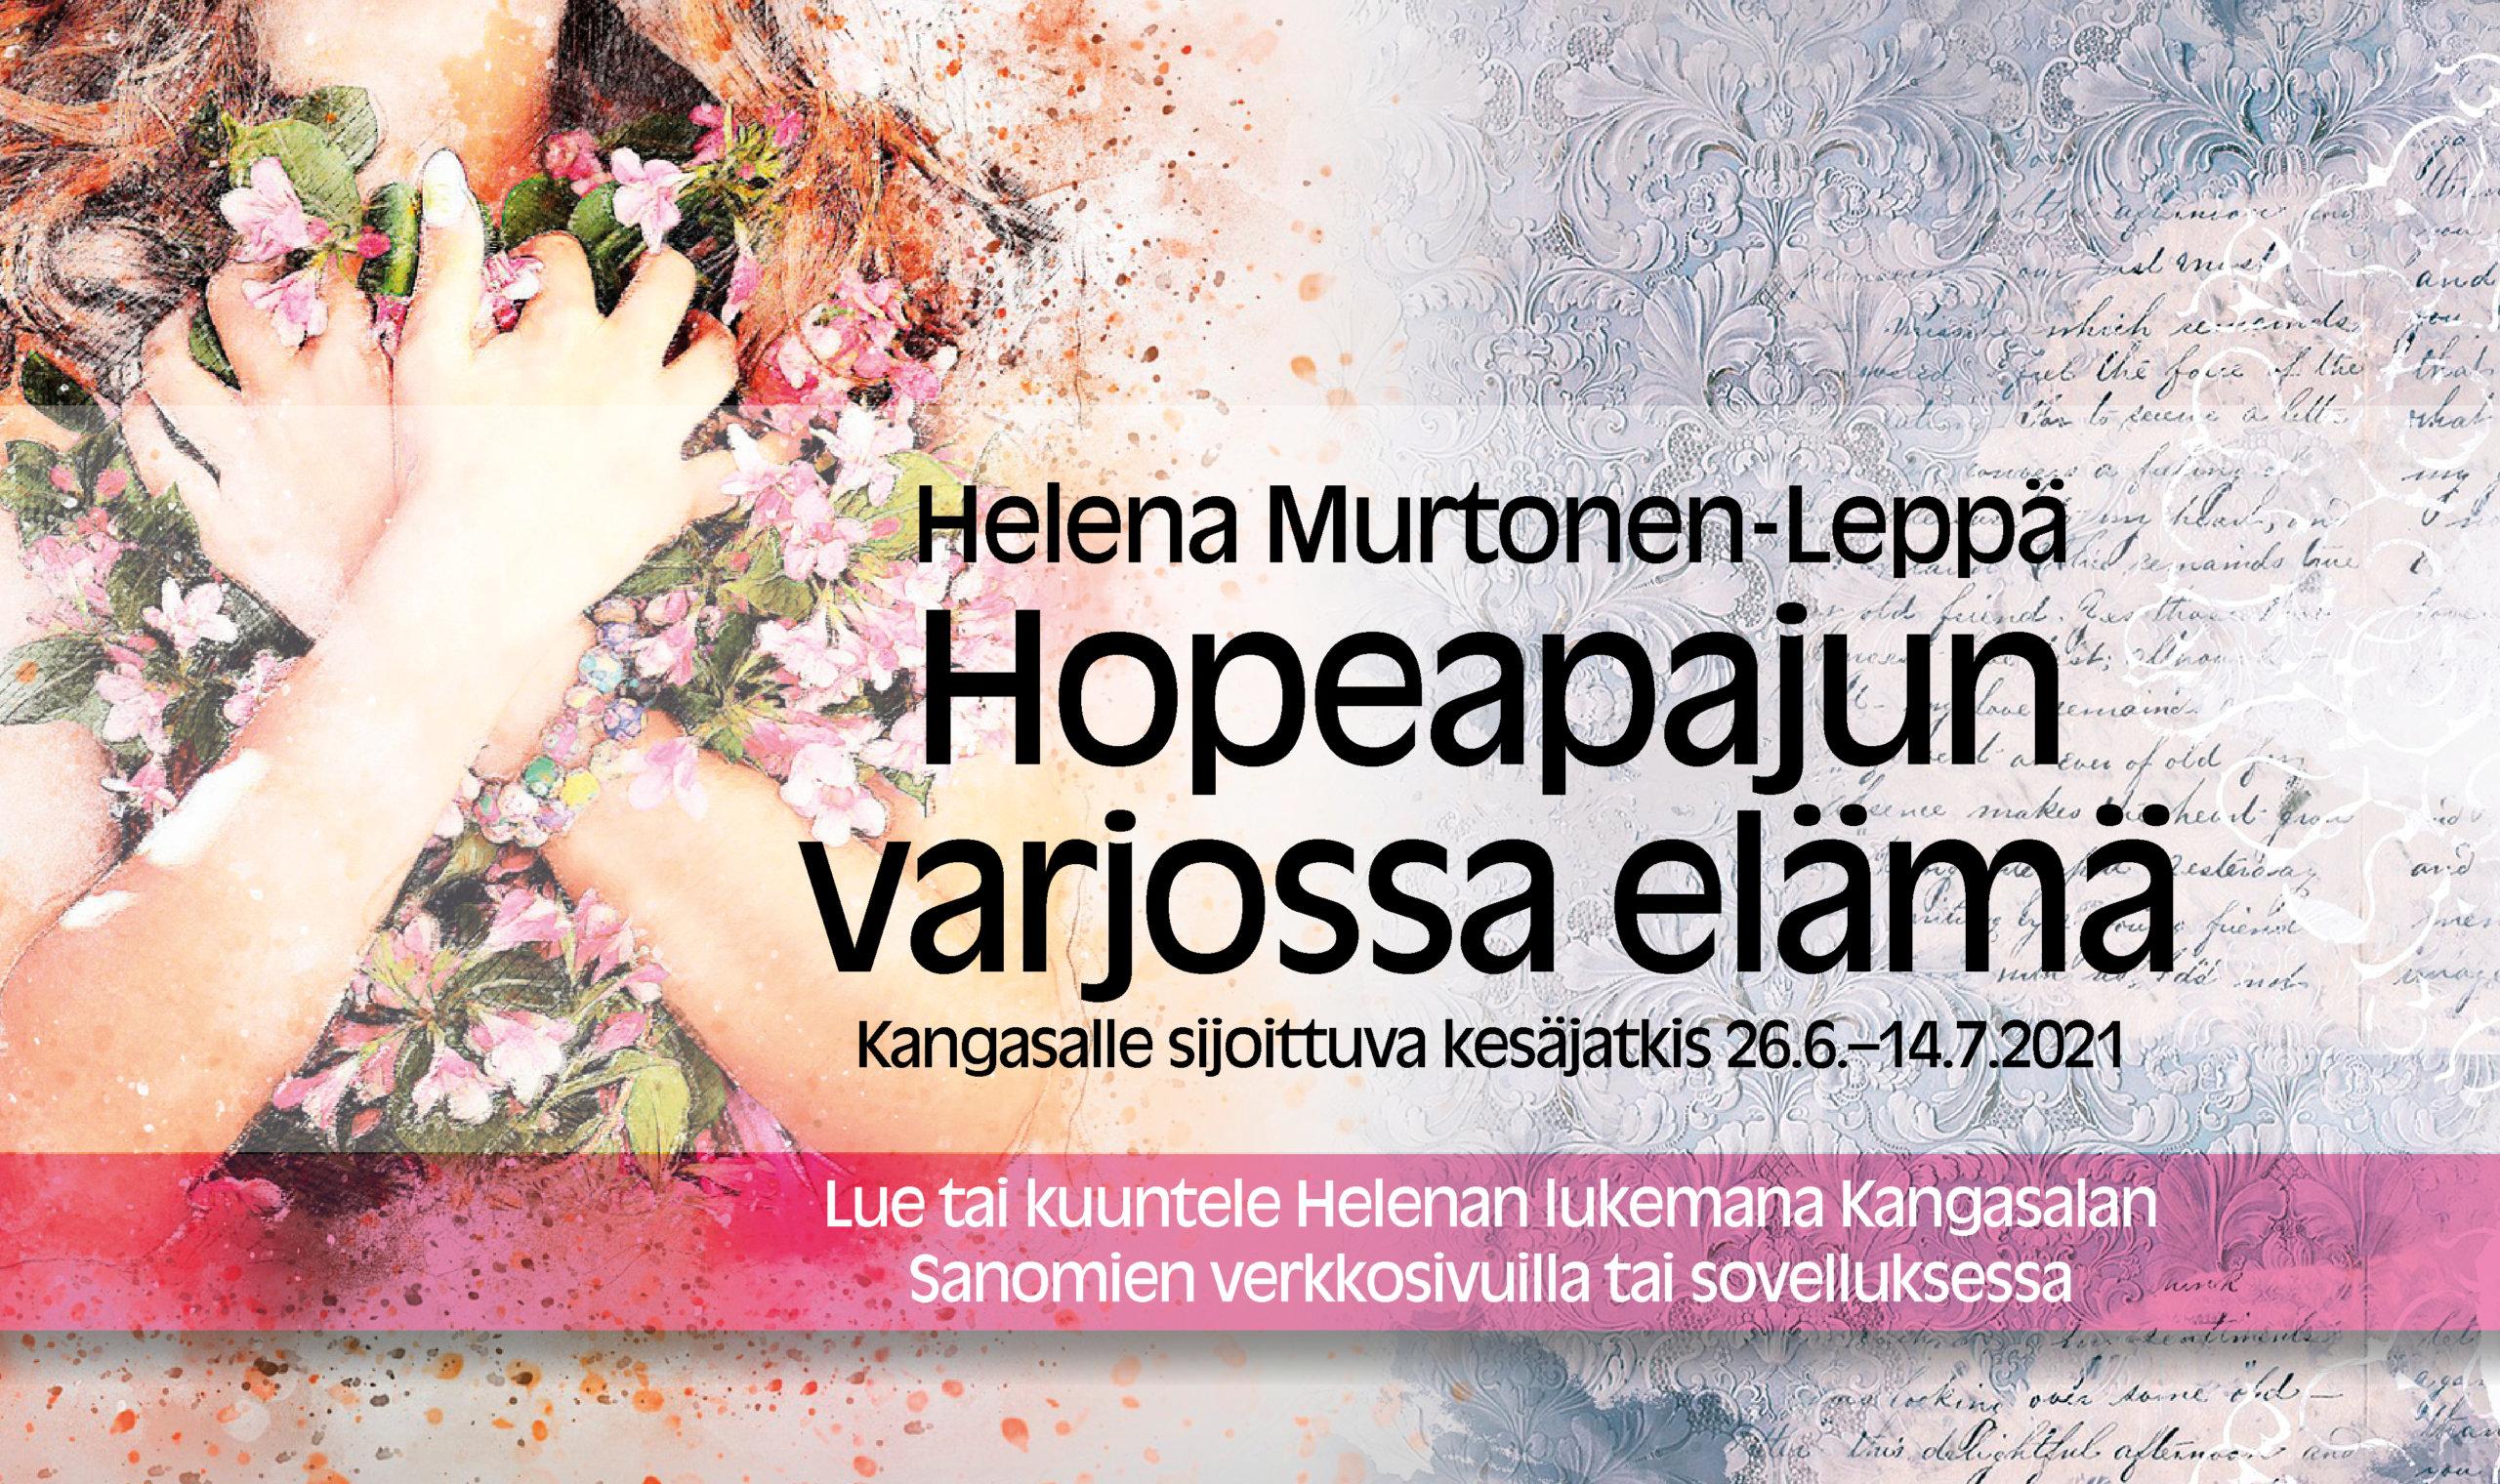 Hopeapajun varjossa elämä on Kangasalle sijoittuva kesäjatkis, jota voit lukea tai kuunnella kirjailija Helena Murtonen-Lepän itsensä lukemana KS-digissä kesällä 2021. Hyppää mukaan Sarin ja Johannan ystävyyteen!